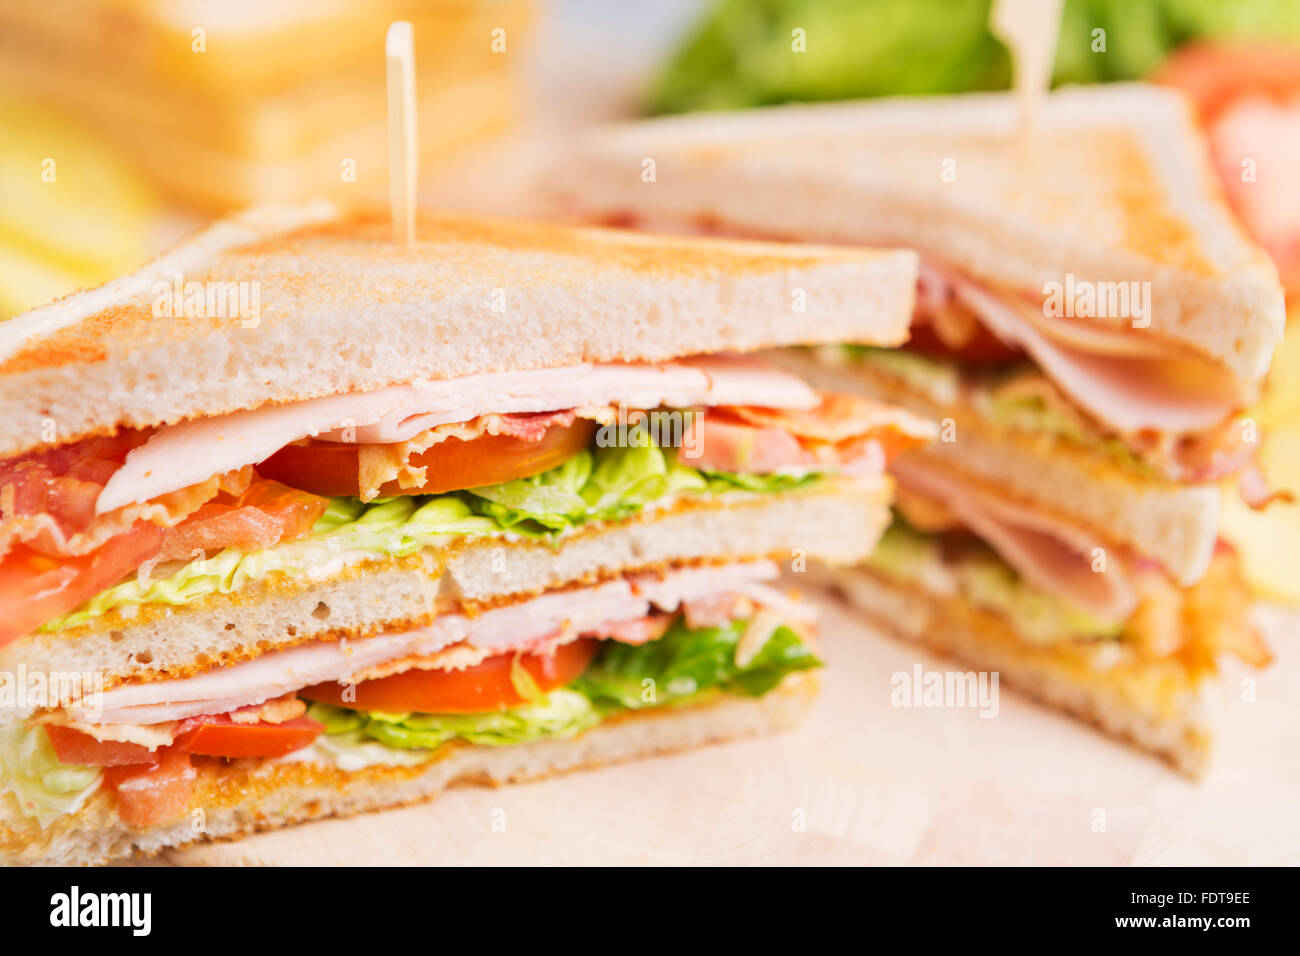 Un club sandwich sur une table rustique dans une lumière vive. Banque D'Images